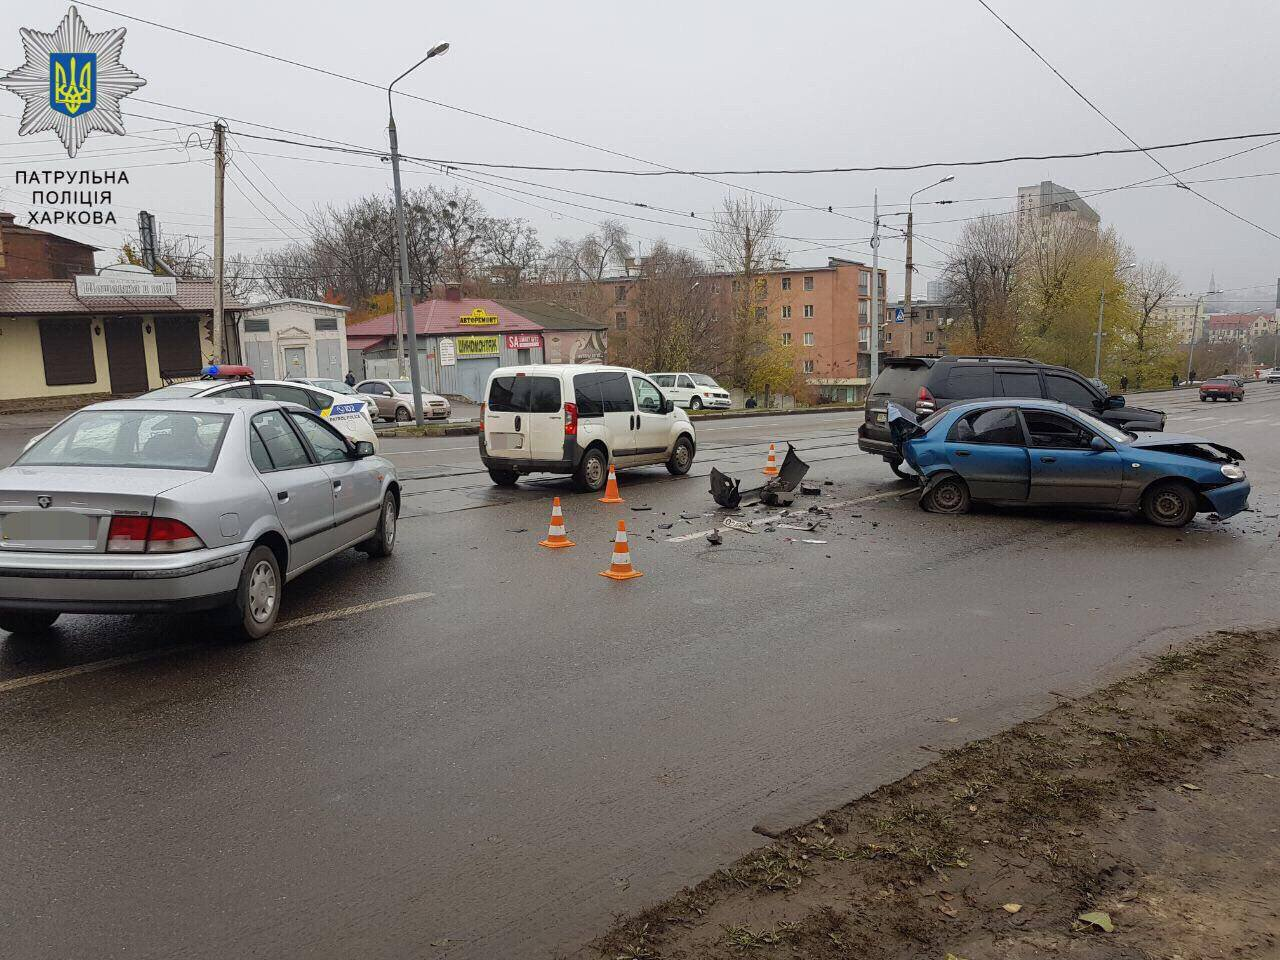 Тройное ДТП в Харькове. Части машин разлетелись по дороге (фото)